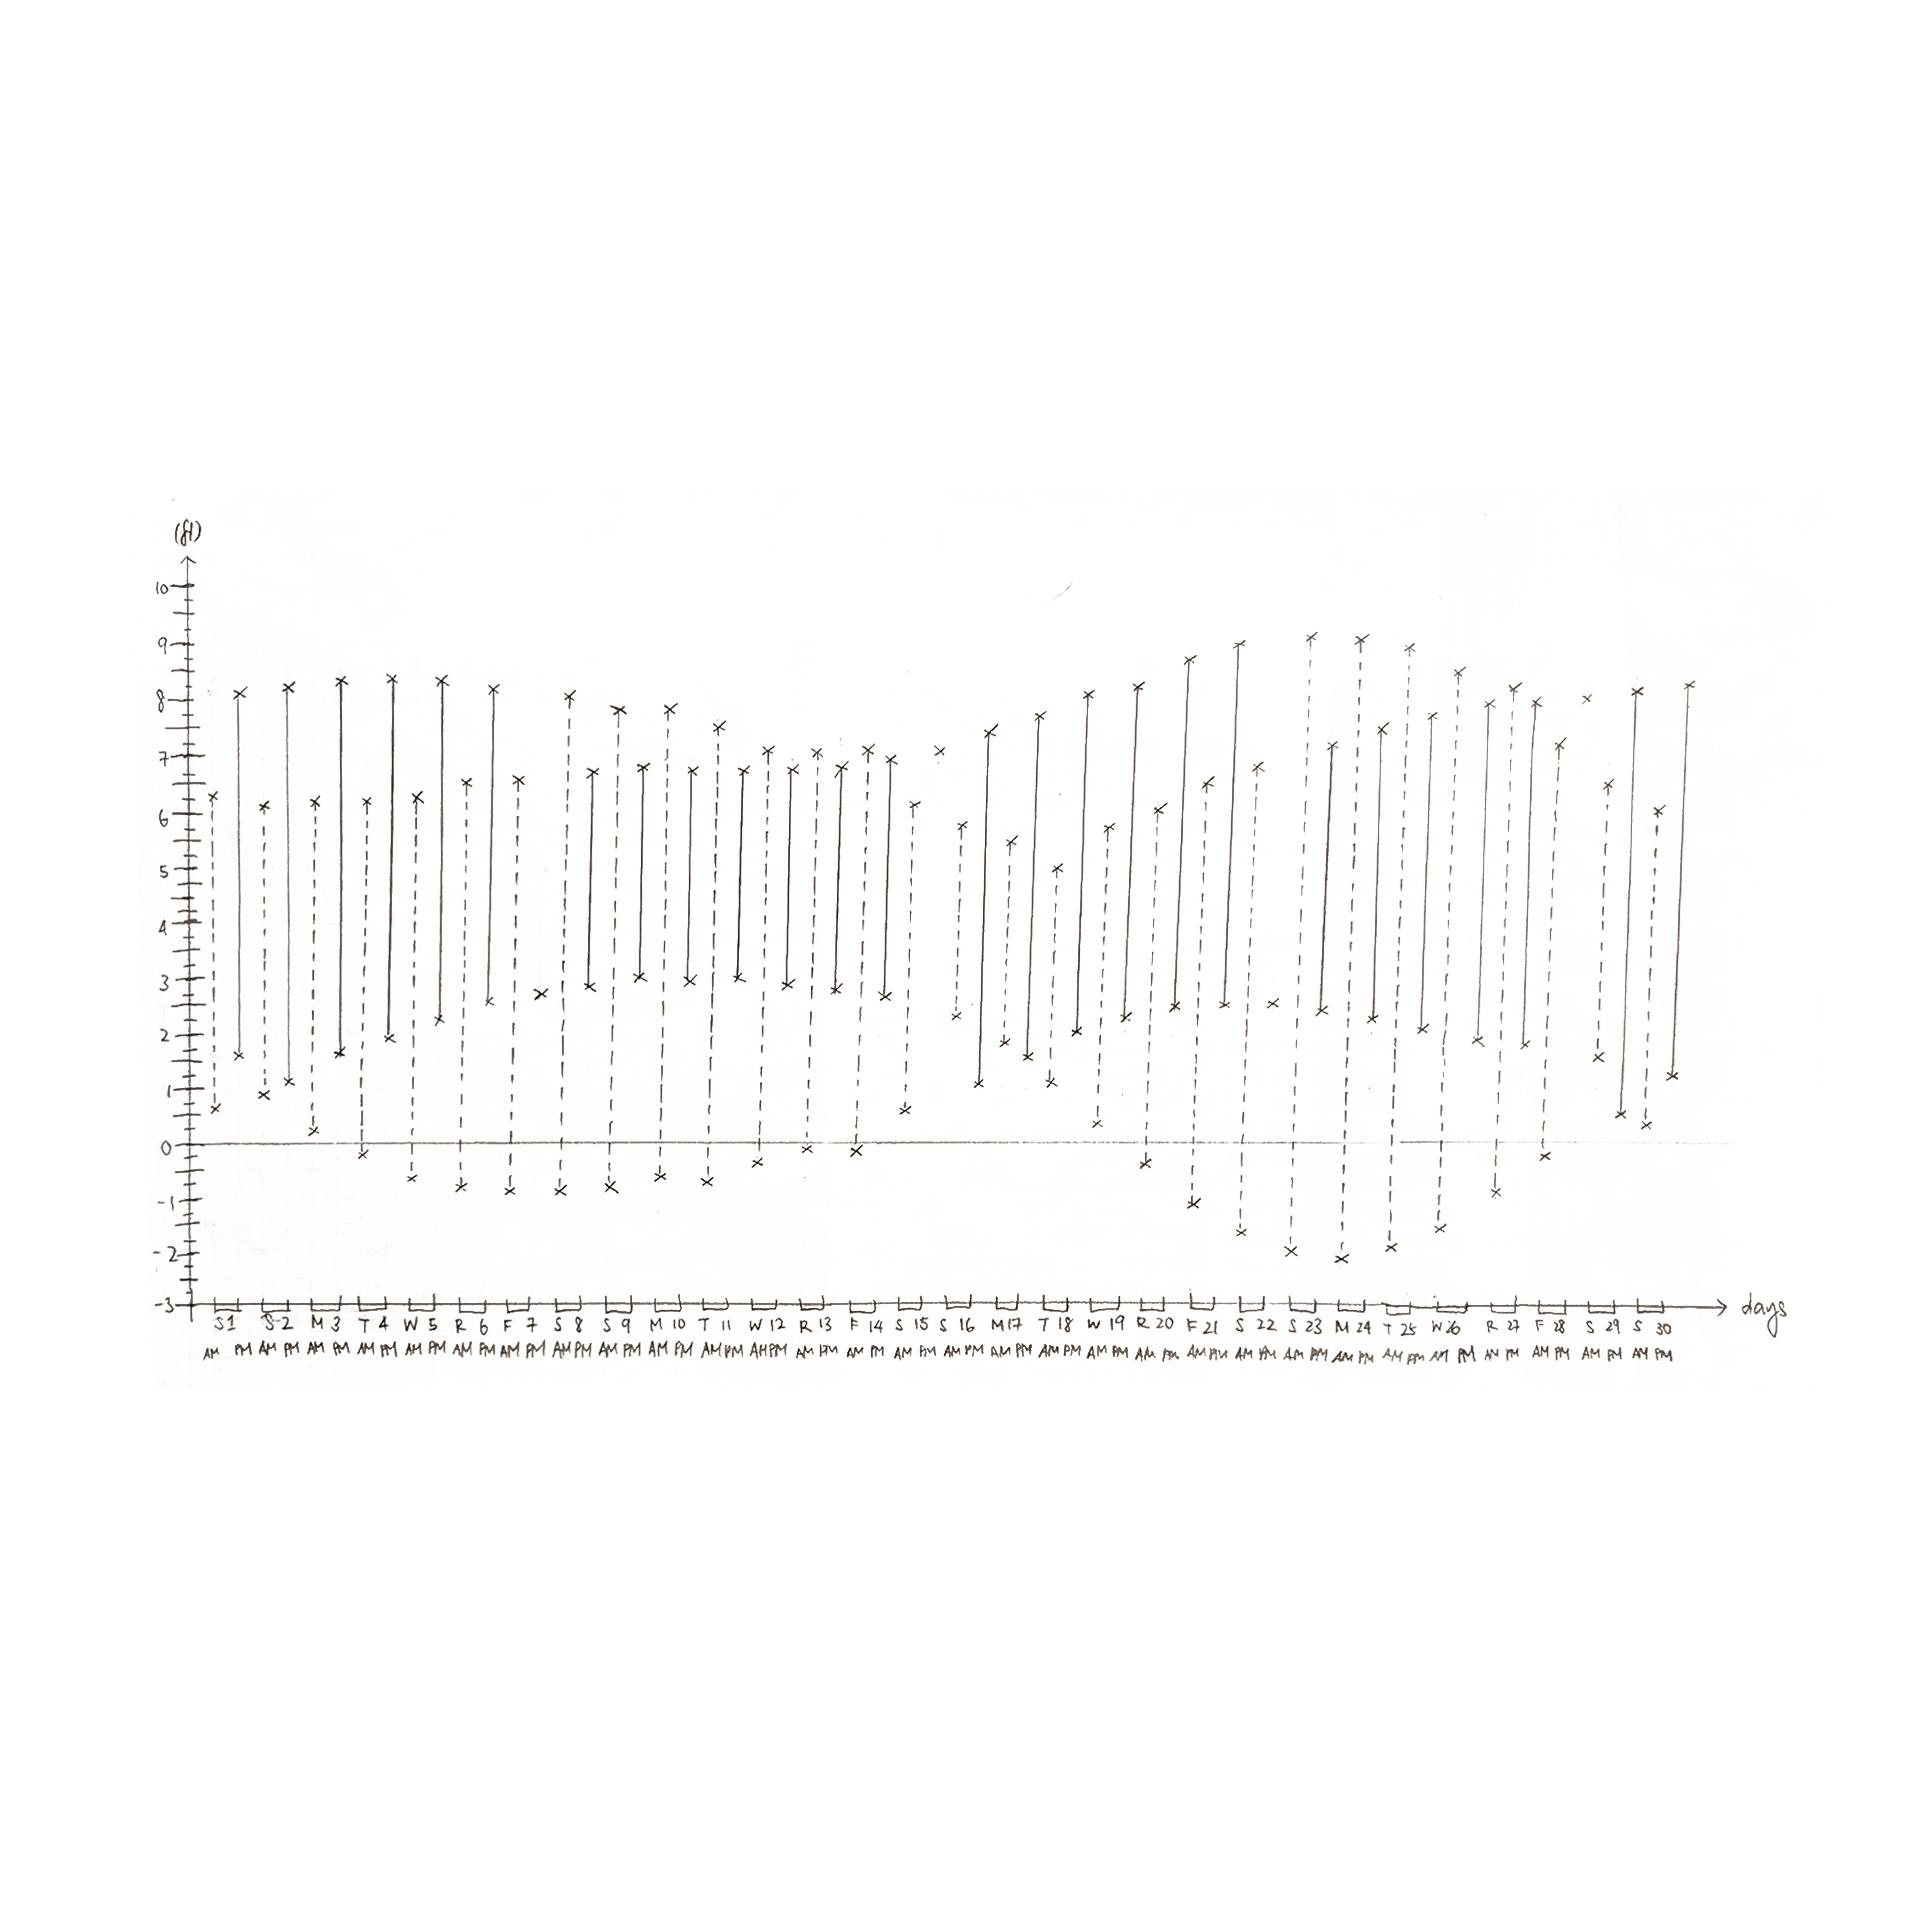 Tide_Data_01.jpg